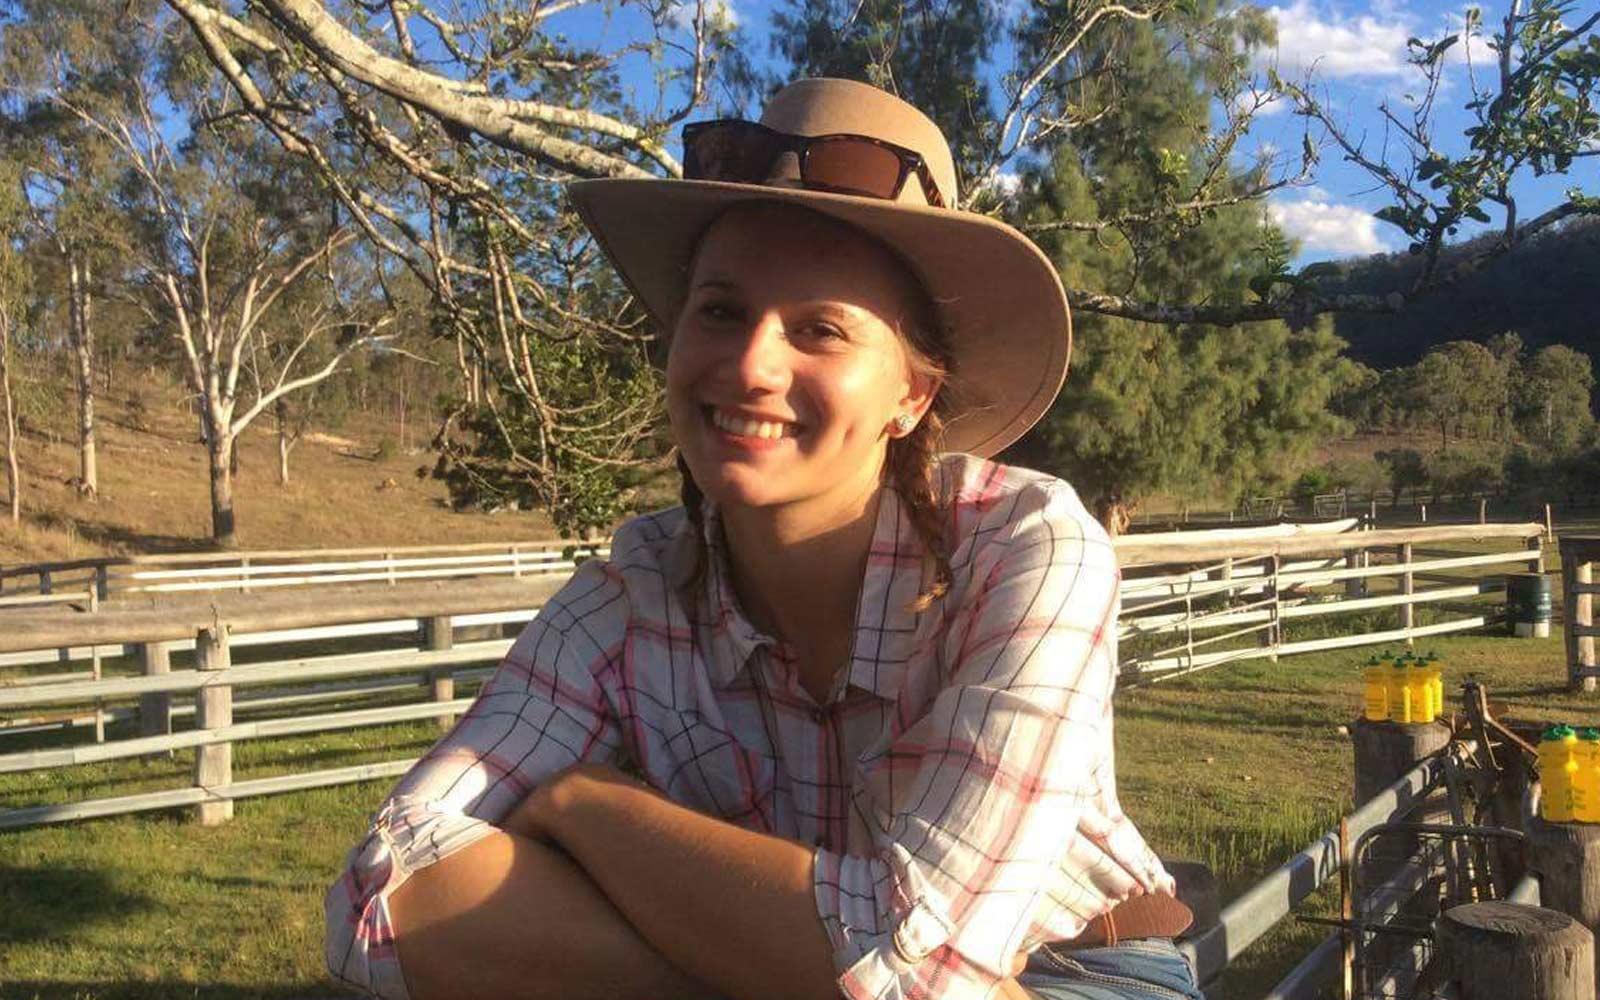 Cowgirl Kora